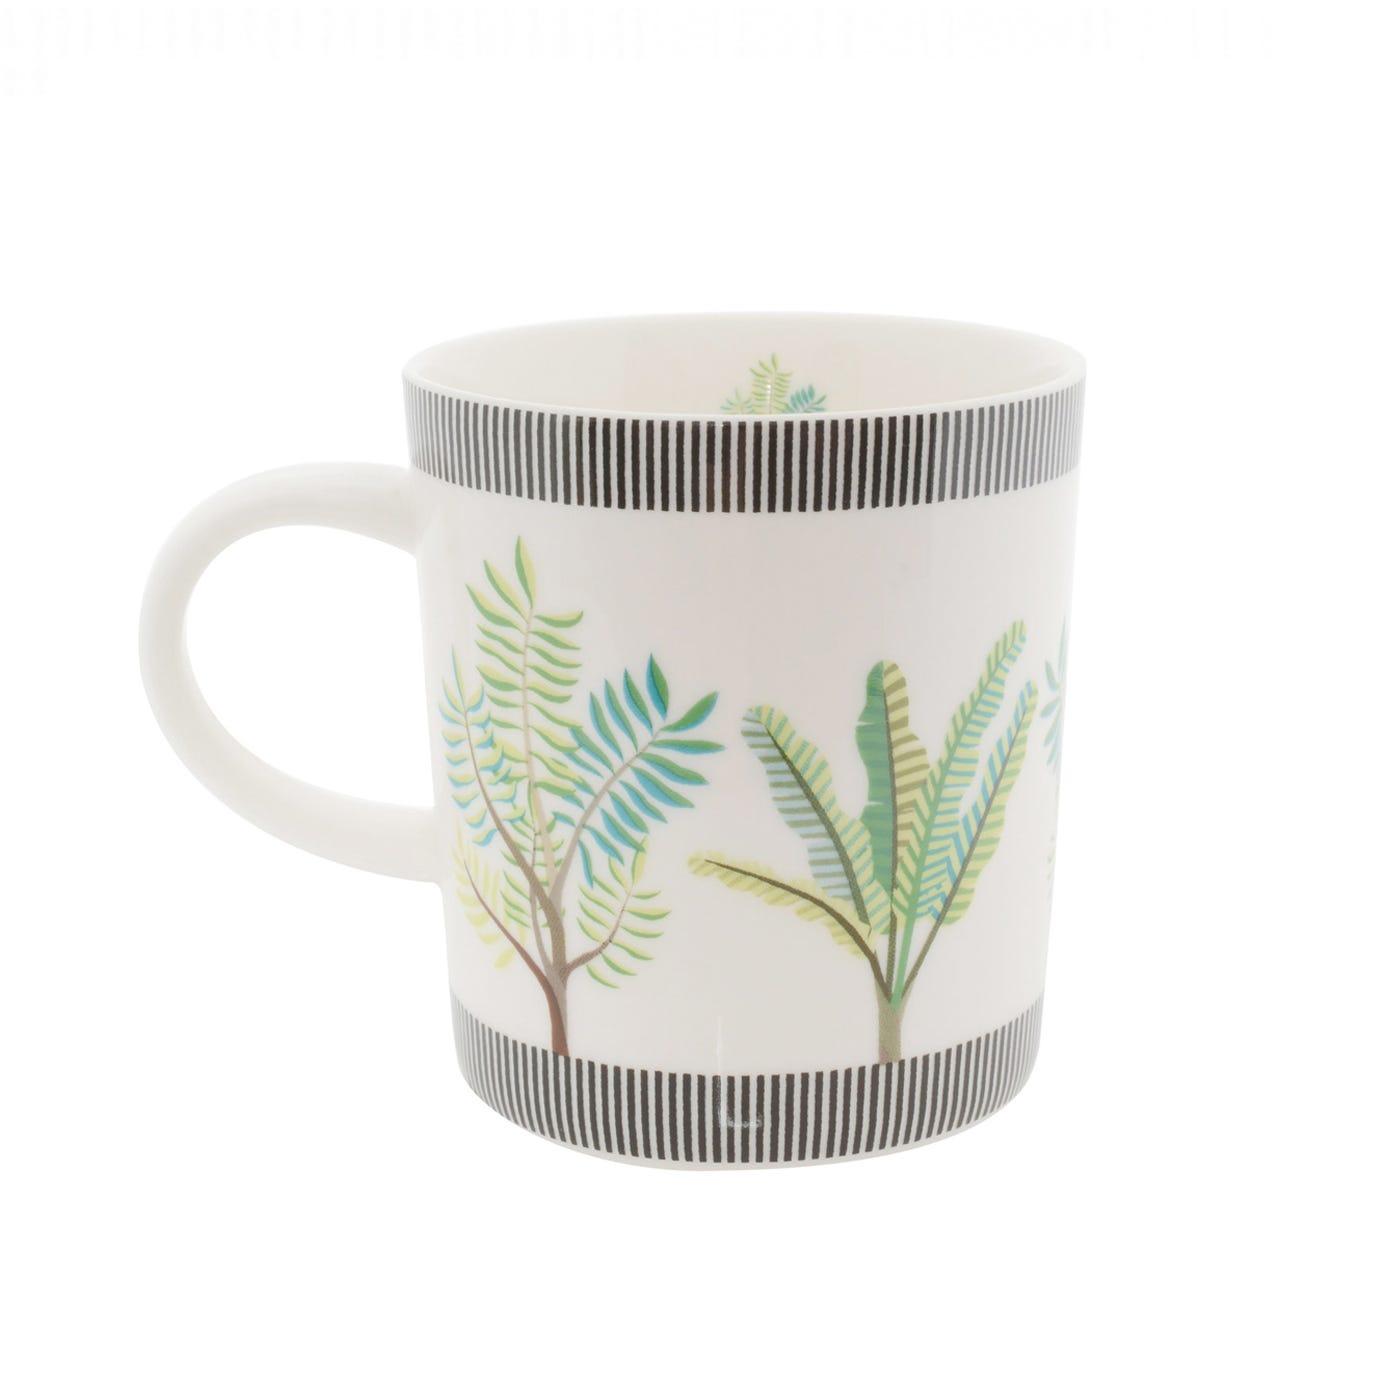 Heal's Herbarium Mugs